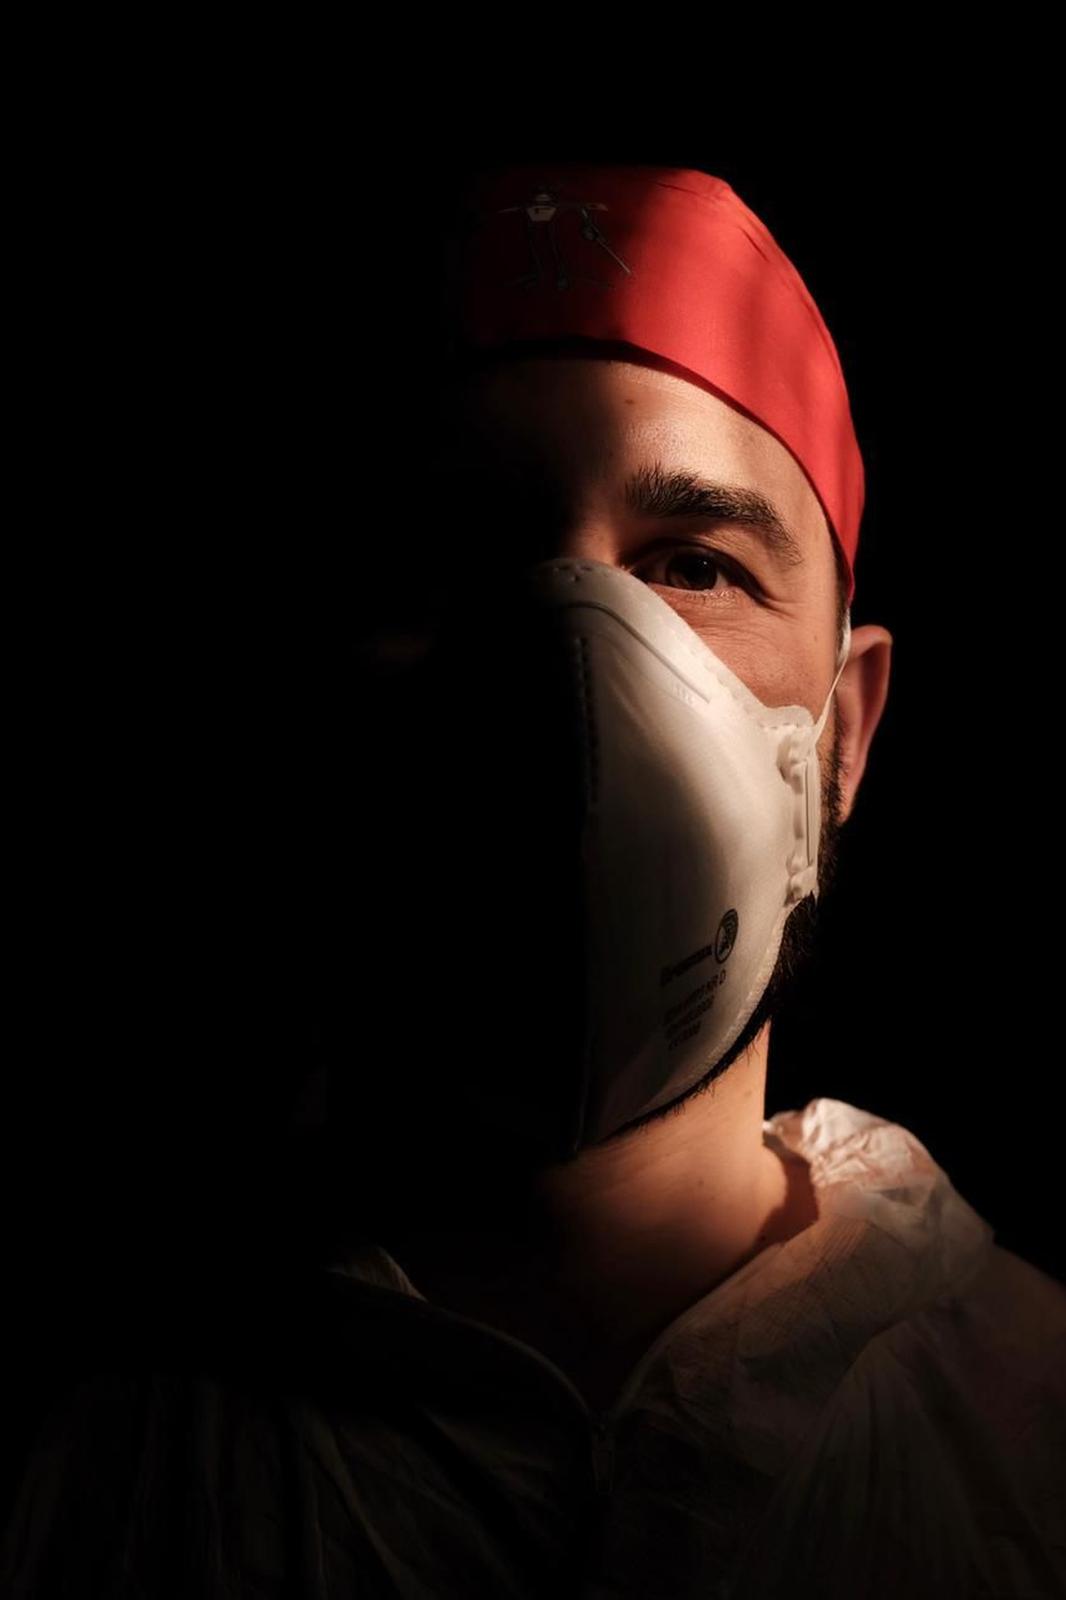 Un enfermero con la cara cubierta con una máscara en un entorno oscuro